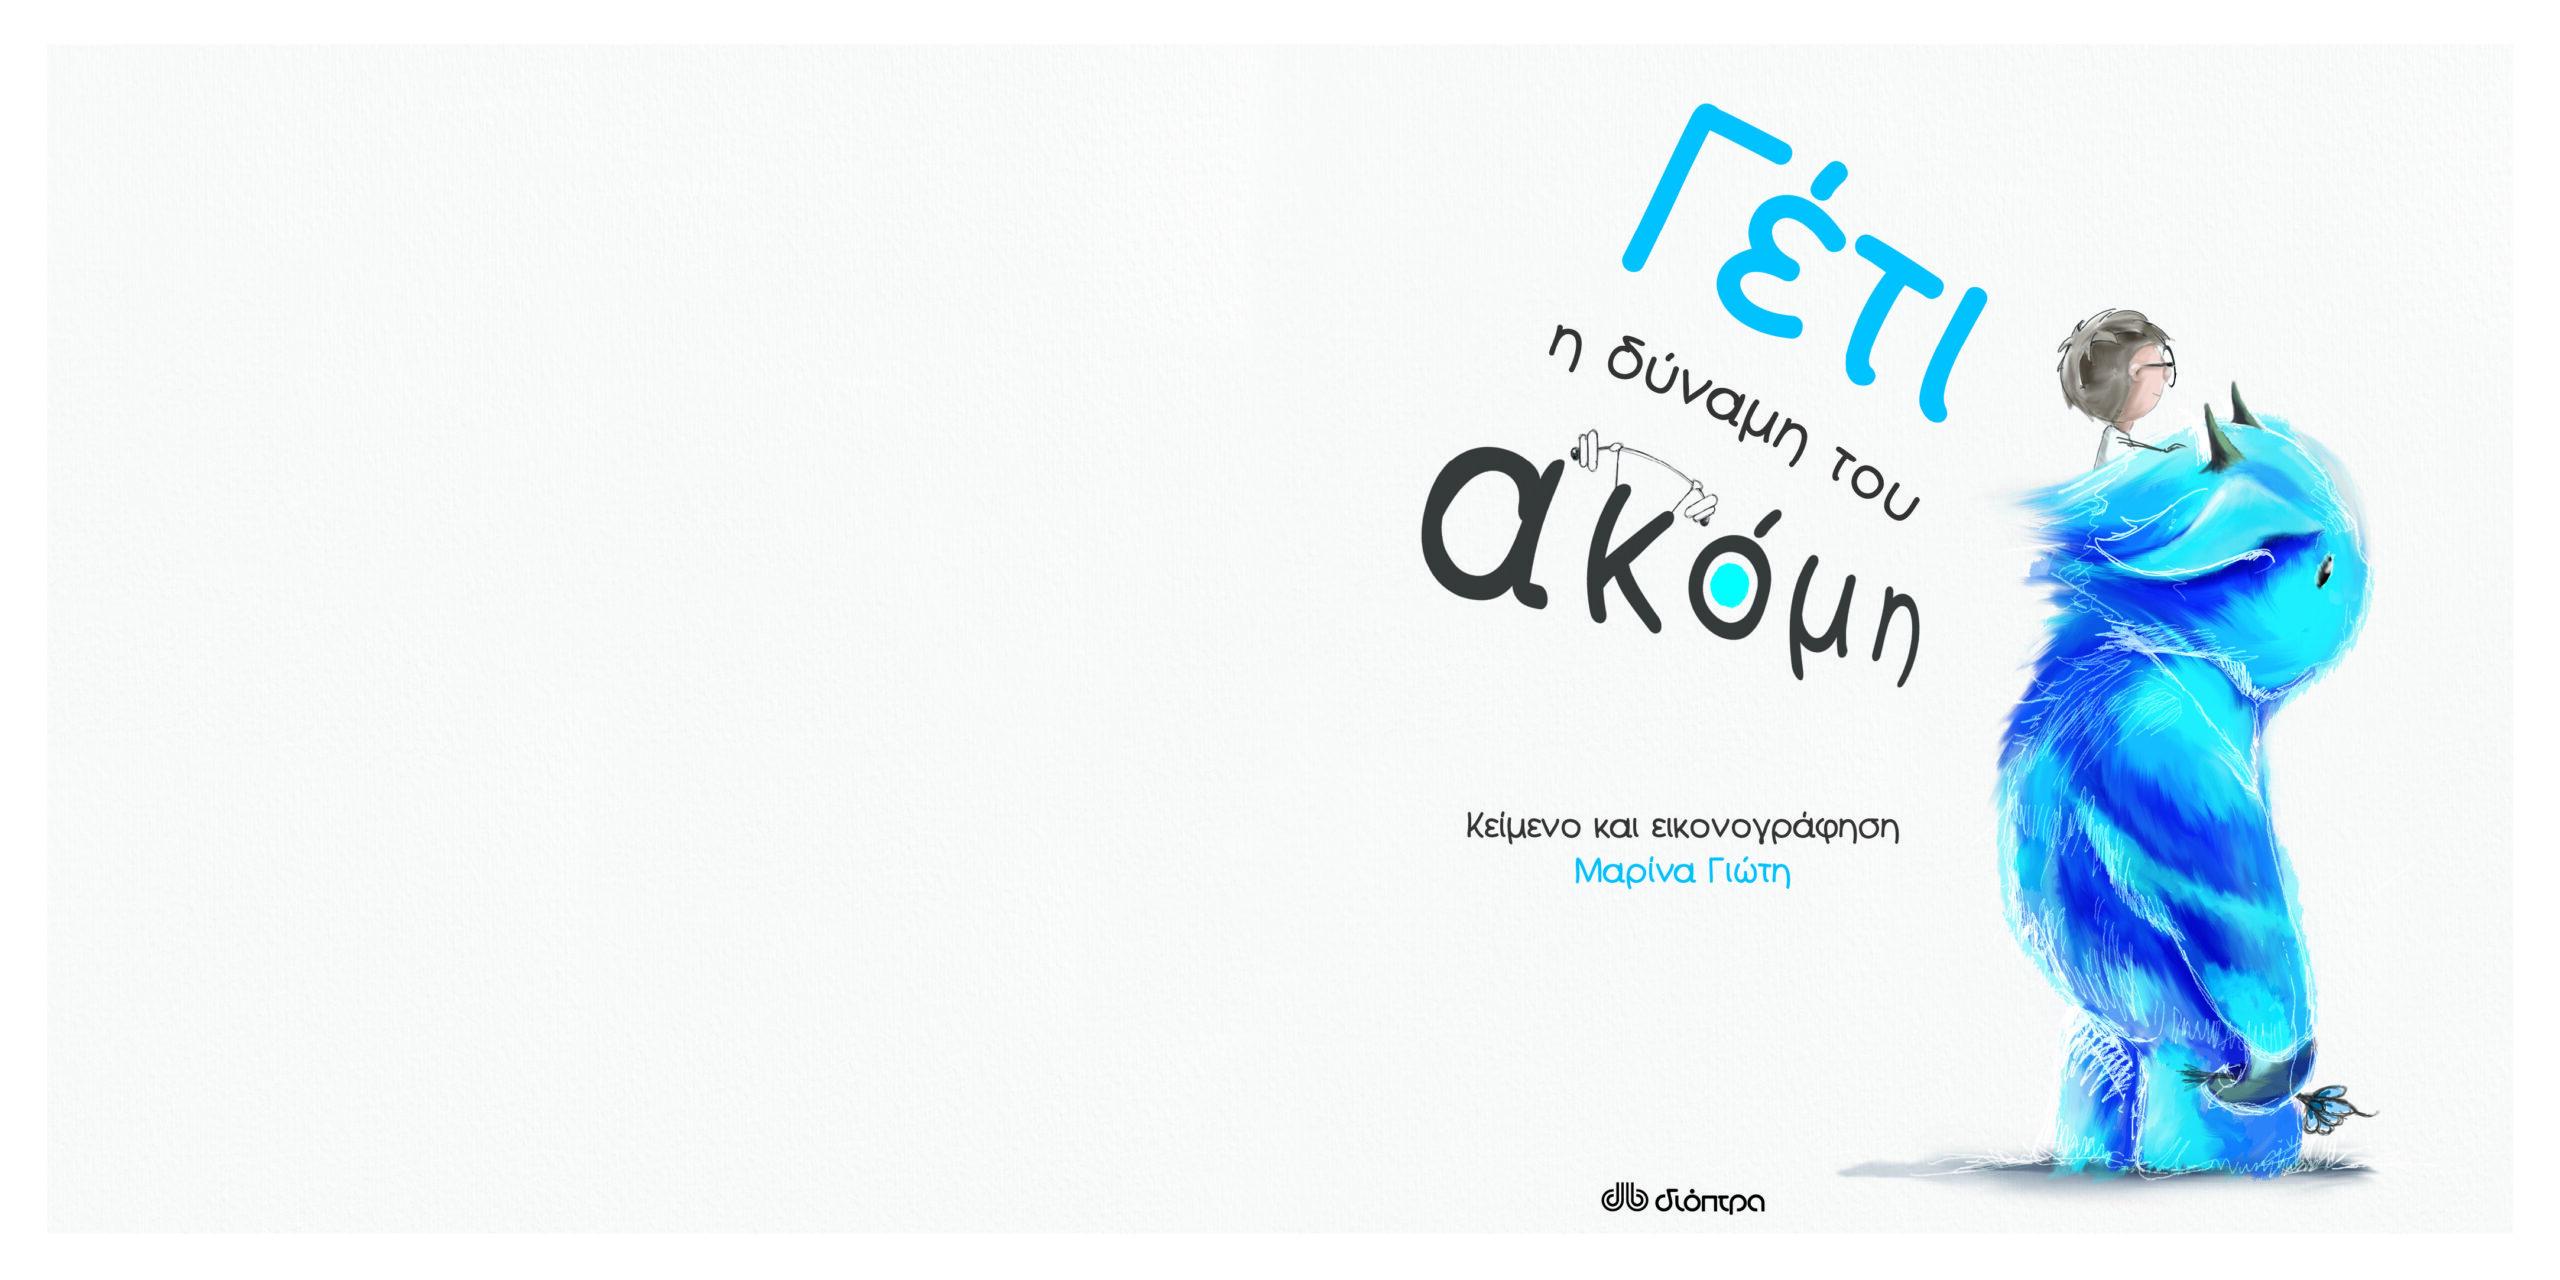 """Η Μαρίνα Γιώτη μιλάει στο travelgirl.gr για το νέο της βιβλίο το """"Γέτι"""" και την αγάπη της στα παιδικά βιβλία"""